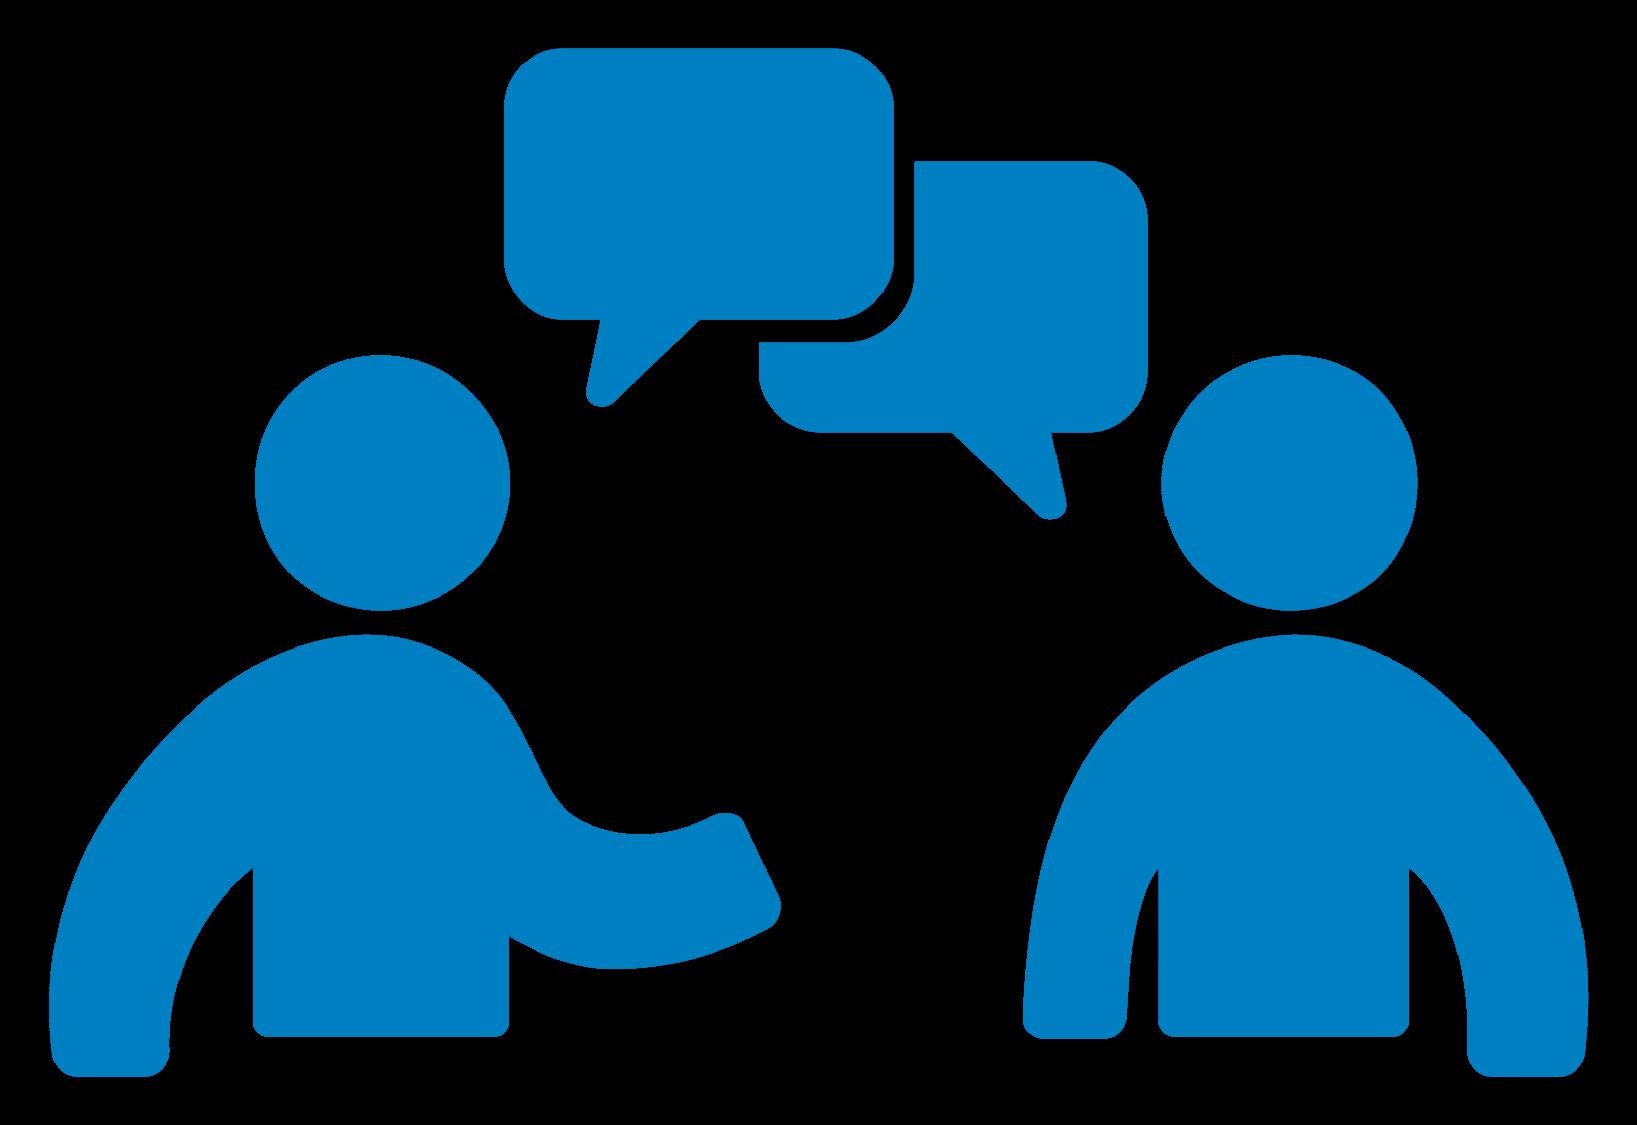 Communication clipart organizational communication.